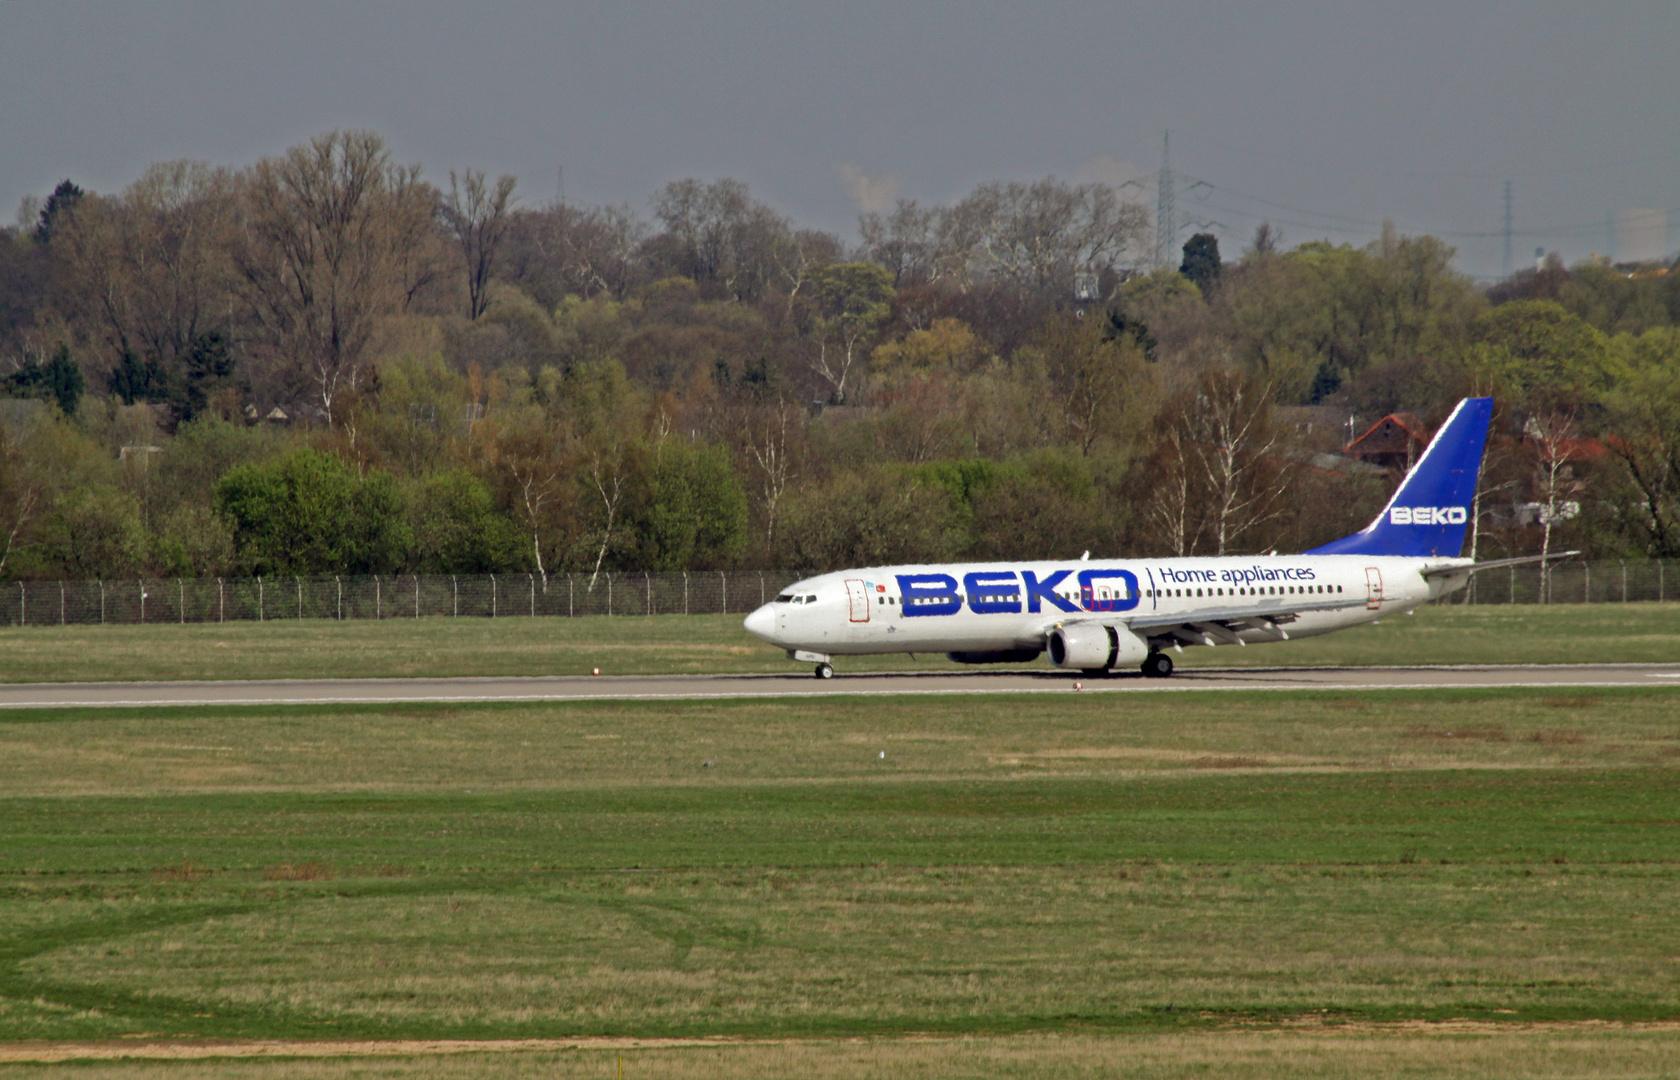 BeKo Home Appliances